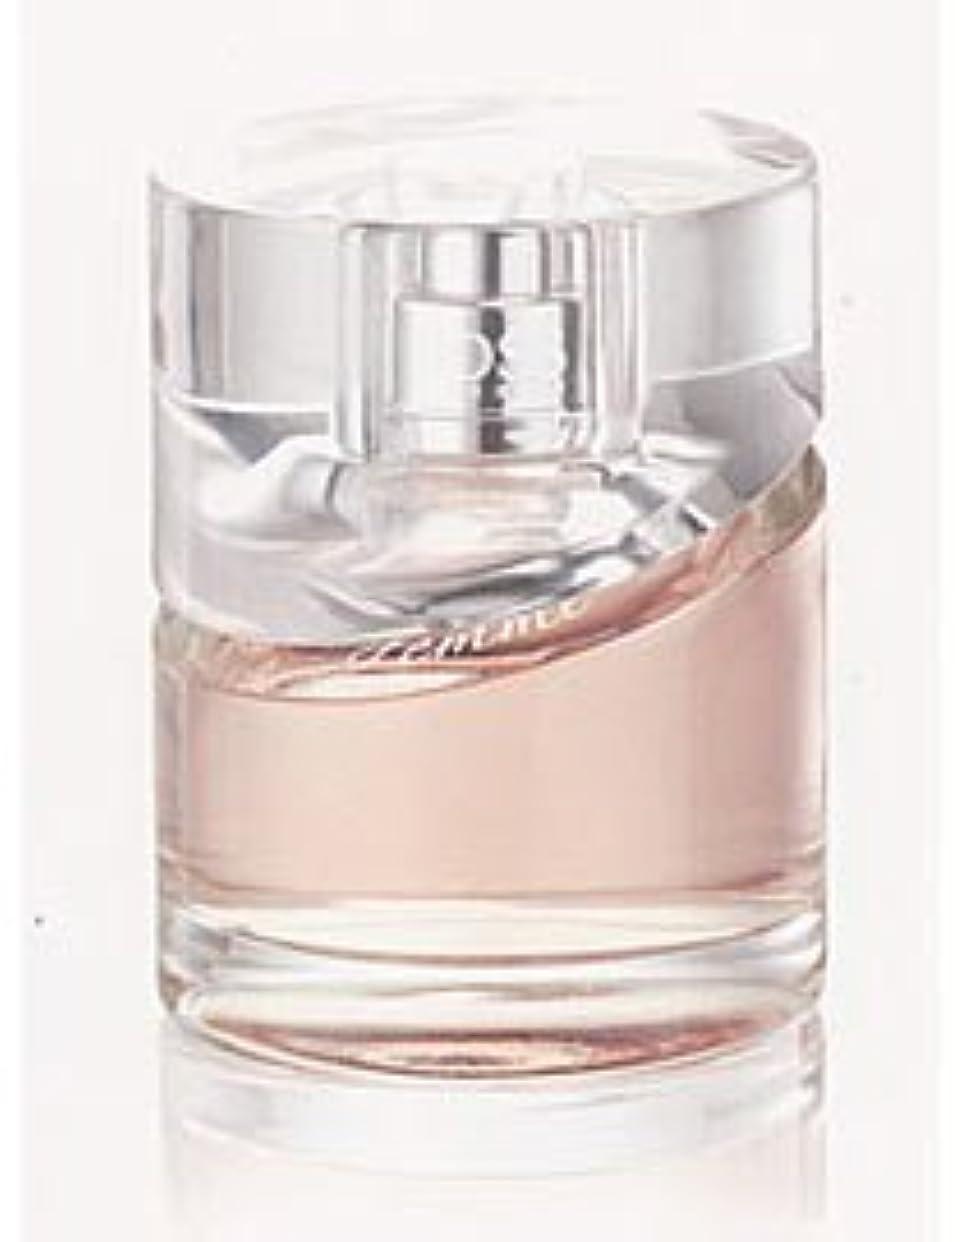 インペリアル全部ちらつき[LOreal] Mythic Oil Souffle dOr Sparkling Conditioner (For All Hair Types) 750ml/25.4oz